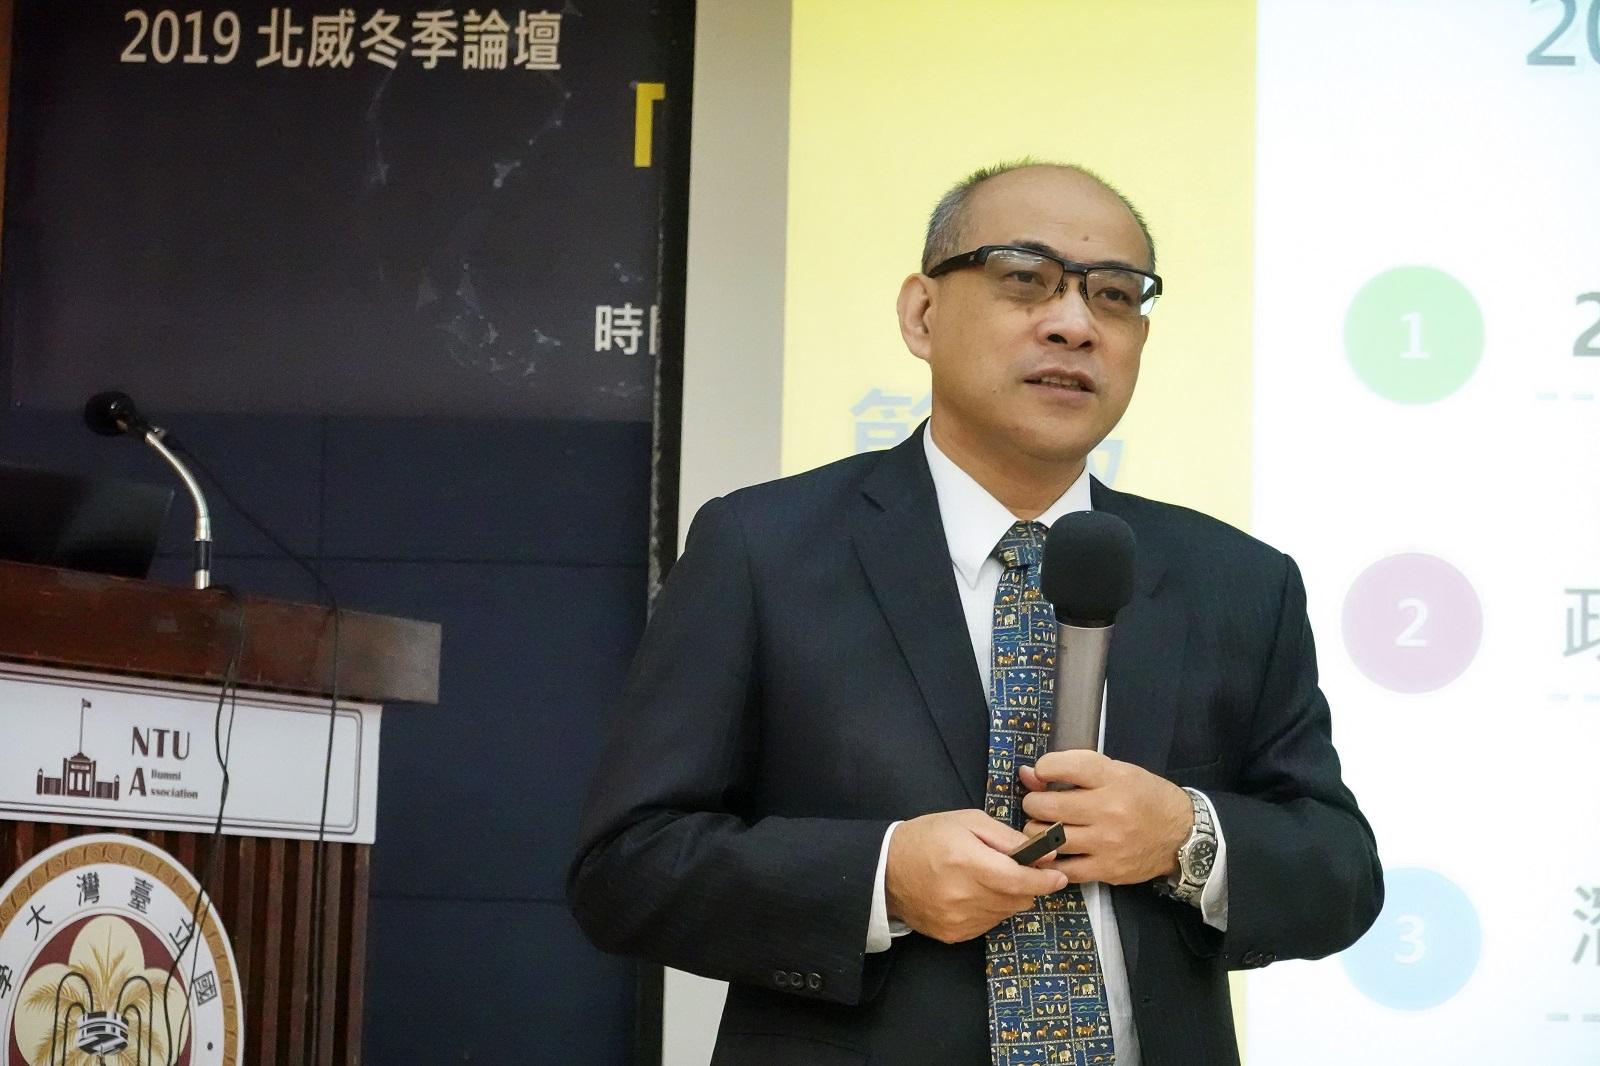 景氣復甦來了!想重現「台灣錢淹腳目」榮景,2020年是關鍵拐點